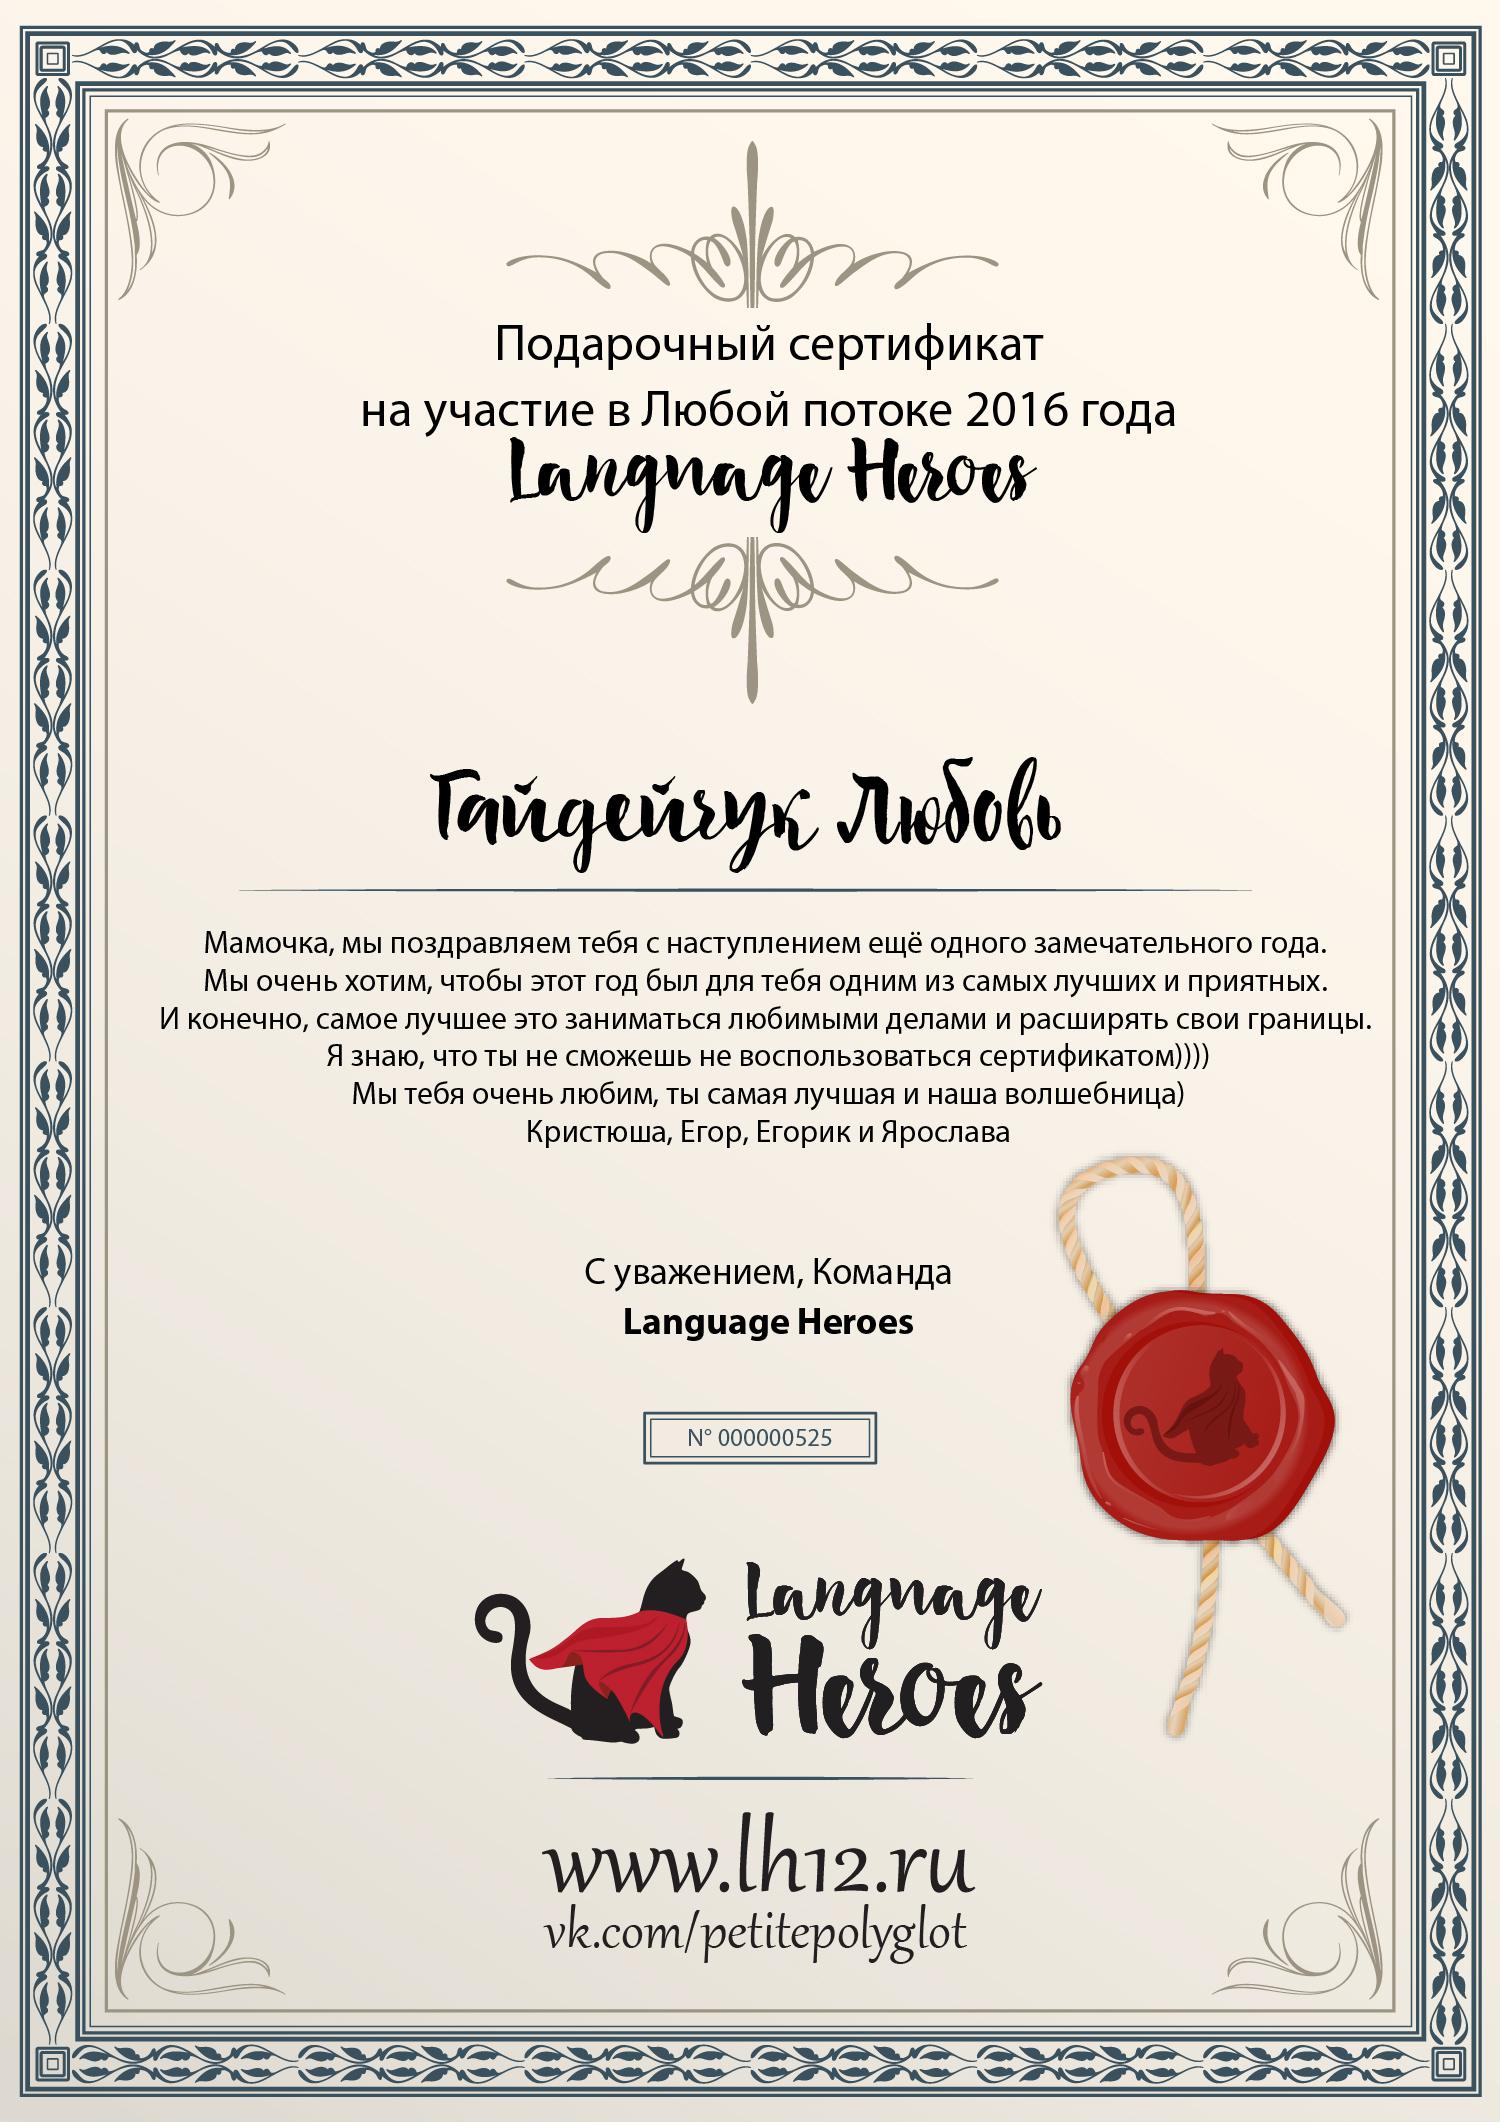 fec3fbbd3250 Подарочный Сертификат на участие в Language Heroes